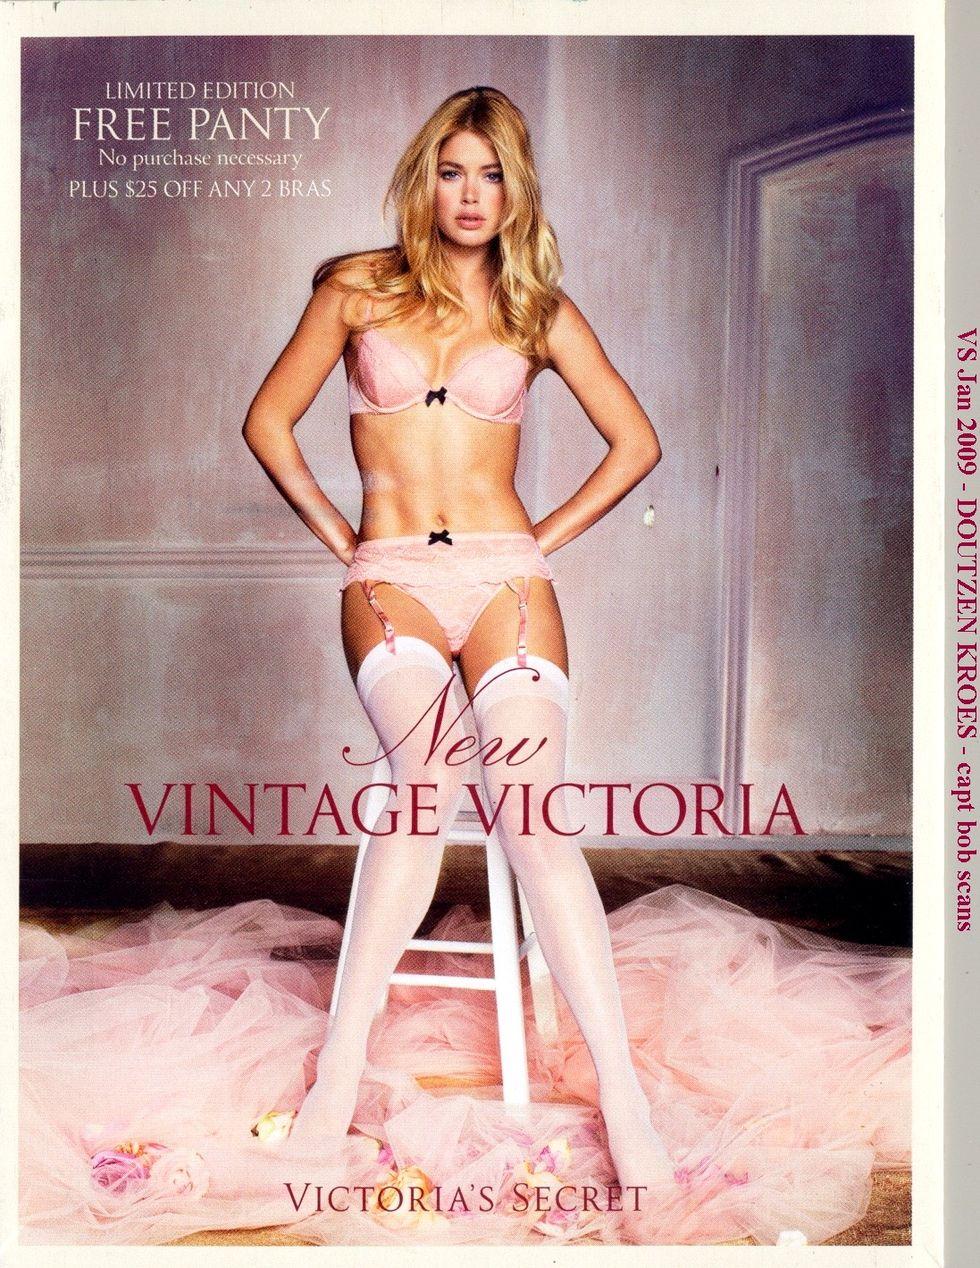 doutzen-kroes-vintage-victoria-postcard-01